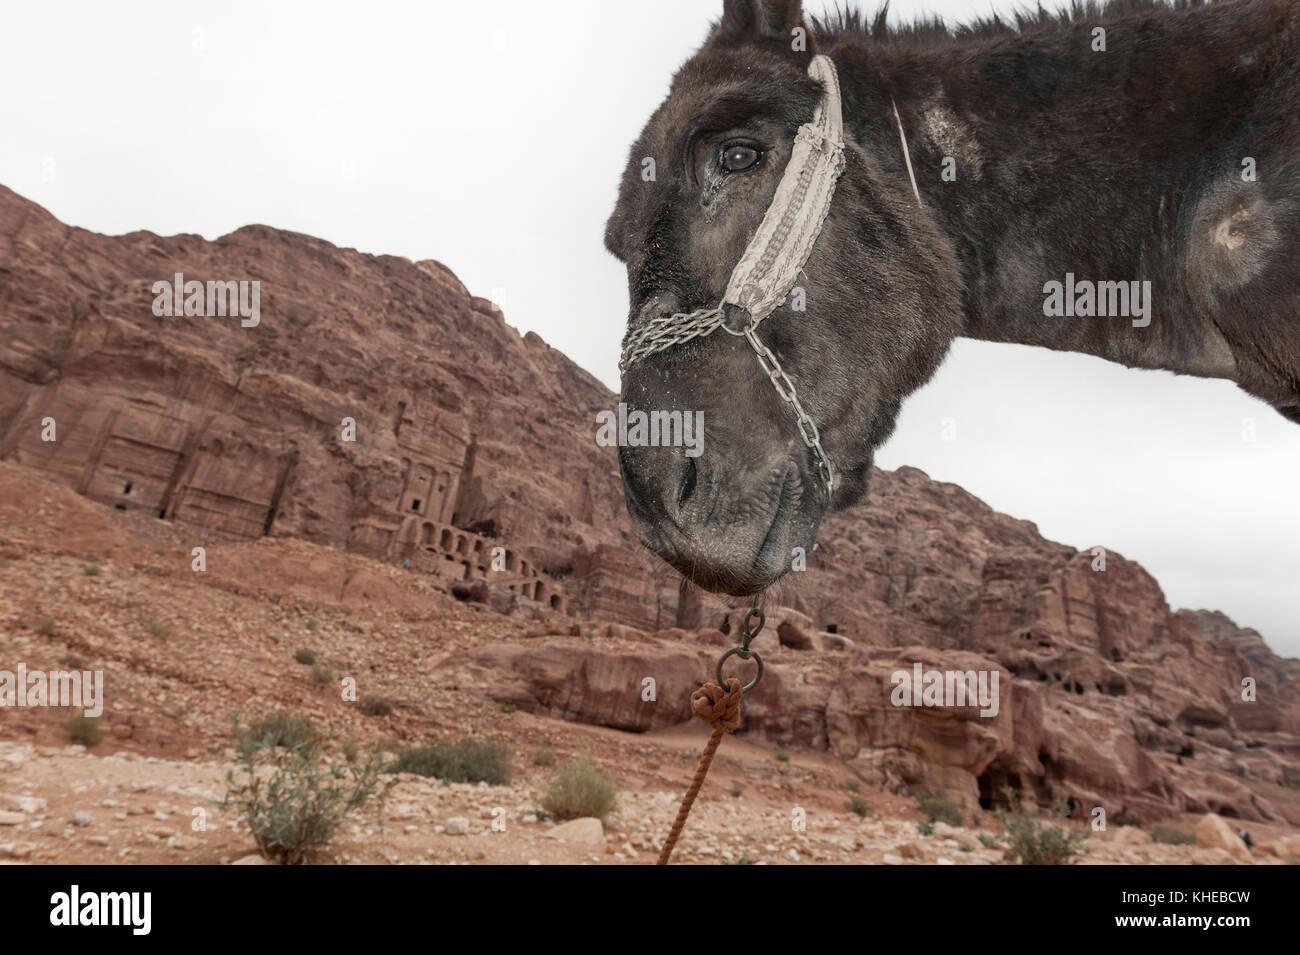 Benessere degli animali il problema di Petra, Giordania, medio oriente Immagini Stock